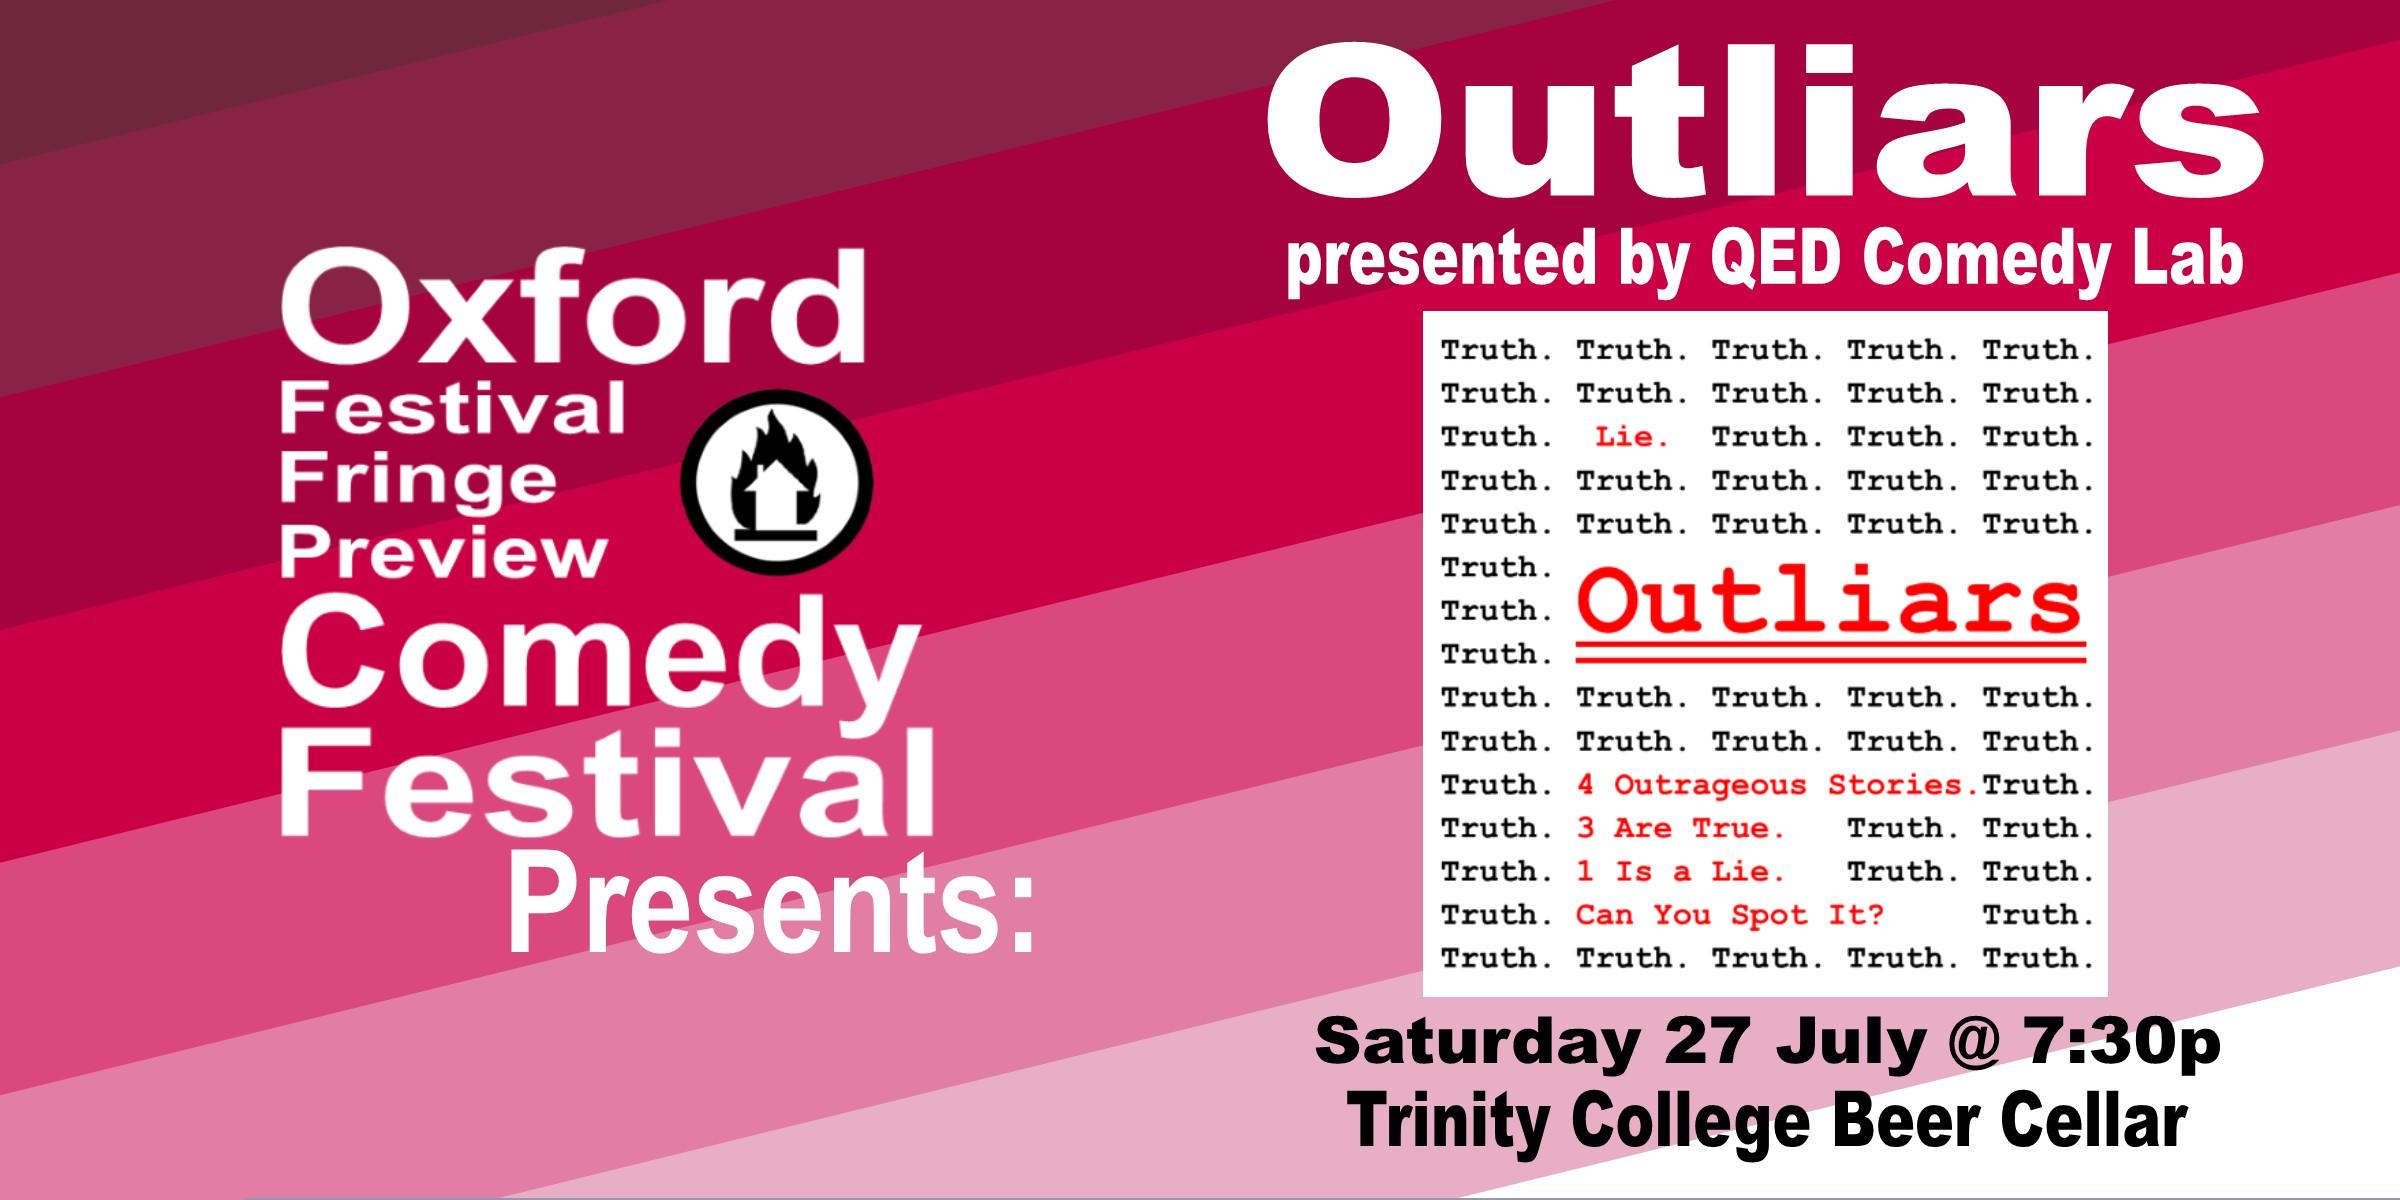 Outliars Banner.jpg